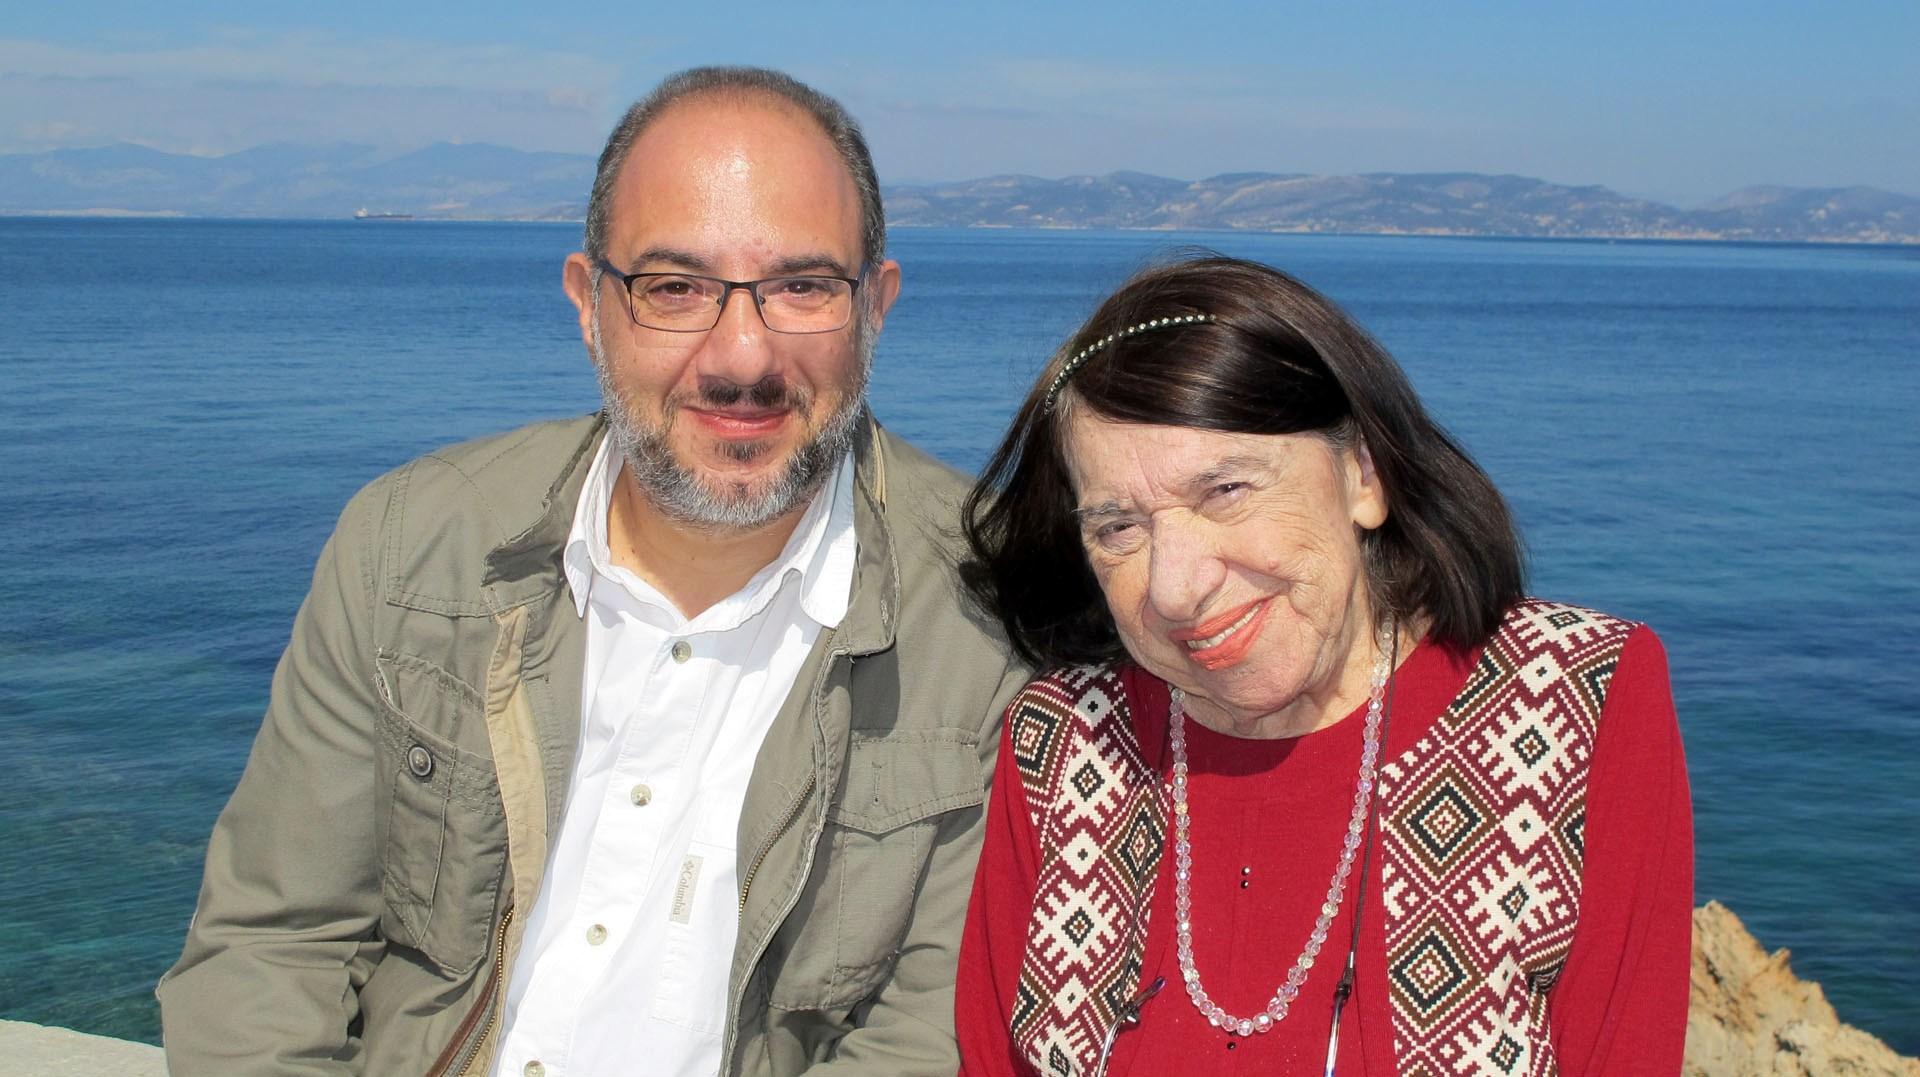 Η Κατερίνα Αγγελάκη Ρουκ με τον παραγωγό Στέλιο Σγουράκη, στην Αίγινα